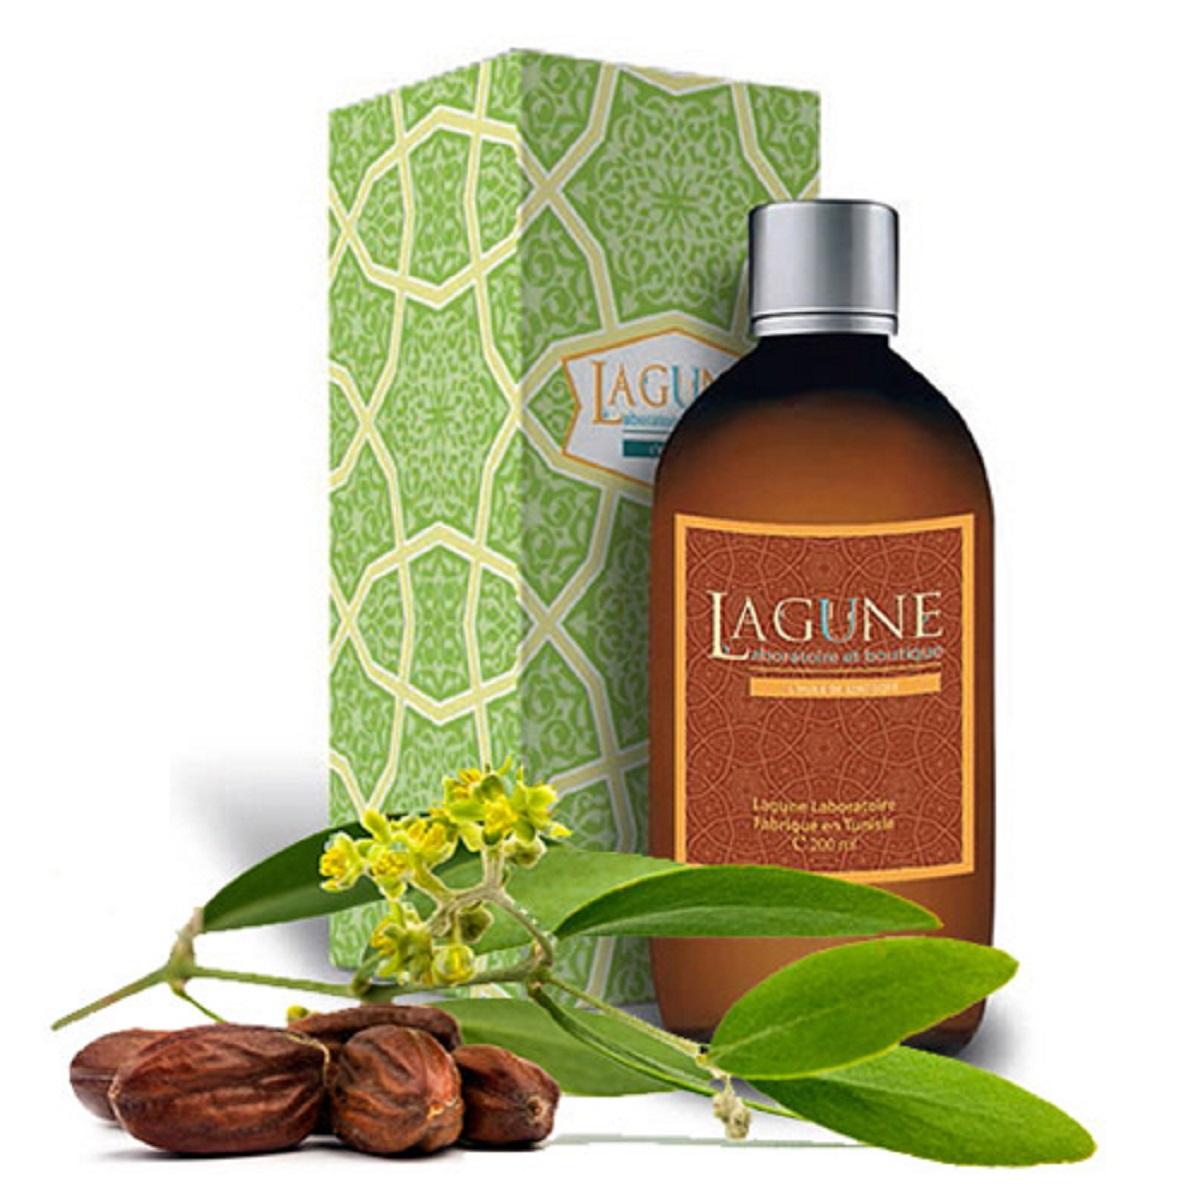 Lagune Масло жожоба 200 мл4627117800253Масло жожоба содержит в составе аминокислоты и протеины, которые по своим свойствам напоминают коллаген, важнейший компонент для поддержания упругости и эластичности кожи. Масло обладает питательными, увлажняющими, антиоксидантными и омолаживающими свойствами, а также противовоспалительным действием. Масло жожоба очень быстро проникает в кожу, после впитывания не оставляет жирного блеска, при этом оно образует на коже надежный защитный слой, делает ее мягкой и шелковистой. В уходе за волосами помогает защитить и восстановить структуру волос, возвращает их естественную силу, объем, упругость и блеск. Идеально подходит не только для очень сухих или ломких волос, но и для жирных, склонных к быстрому загрязнению. Одним из уникальных свойств жожоба является высокая устойчивость к окислению, благодаря чему это масло никогда не прокисает и не теряет своих свойств при длительном хранении.